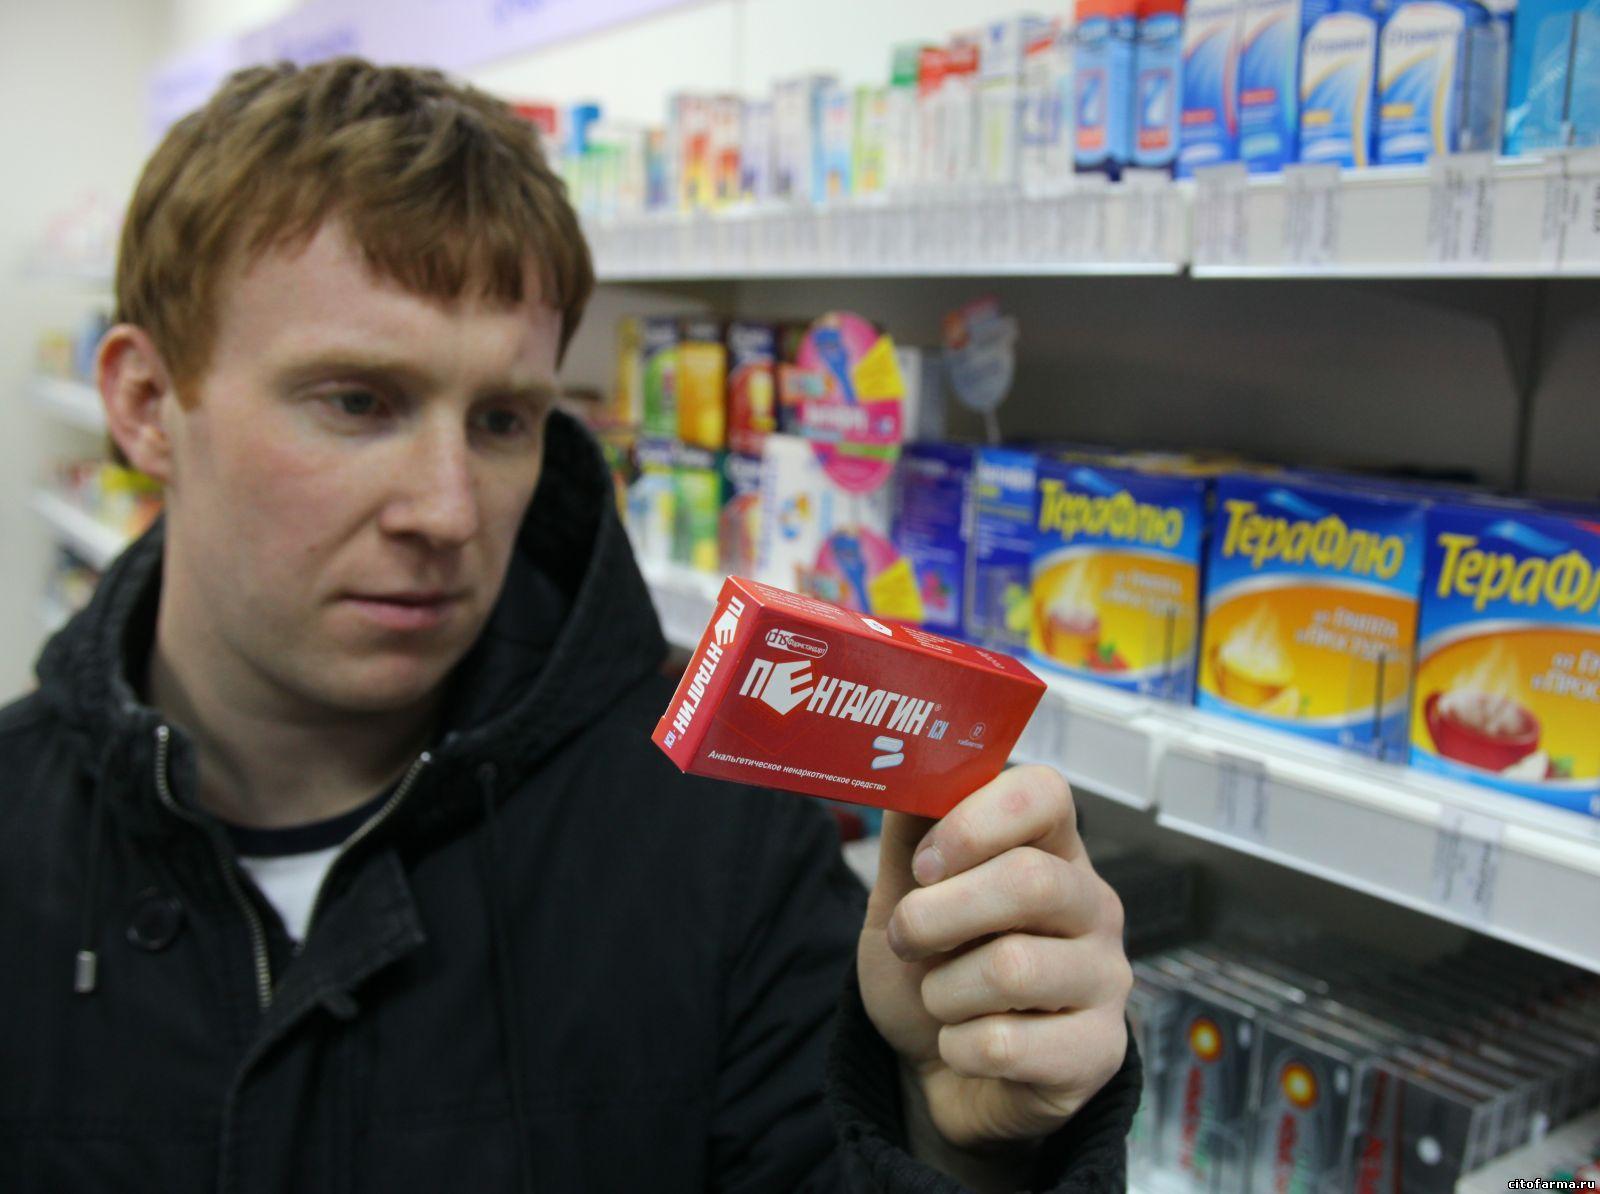 Шоколад усиливает эффективность лекарств